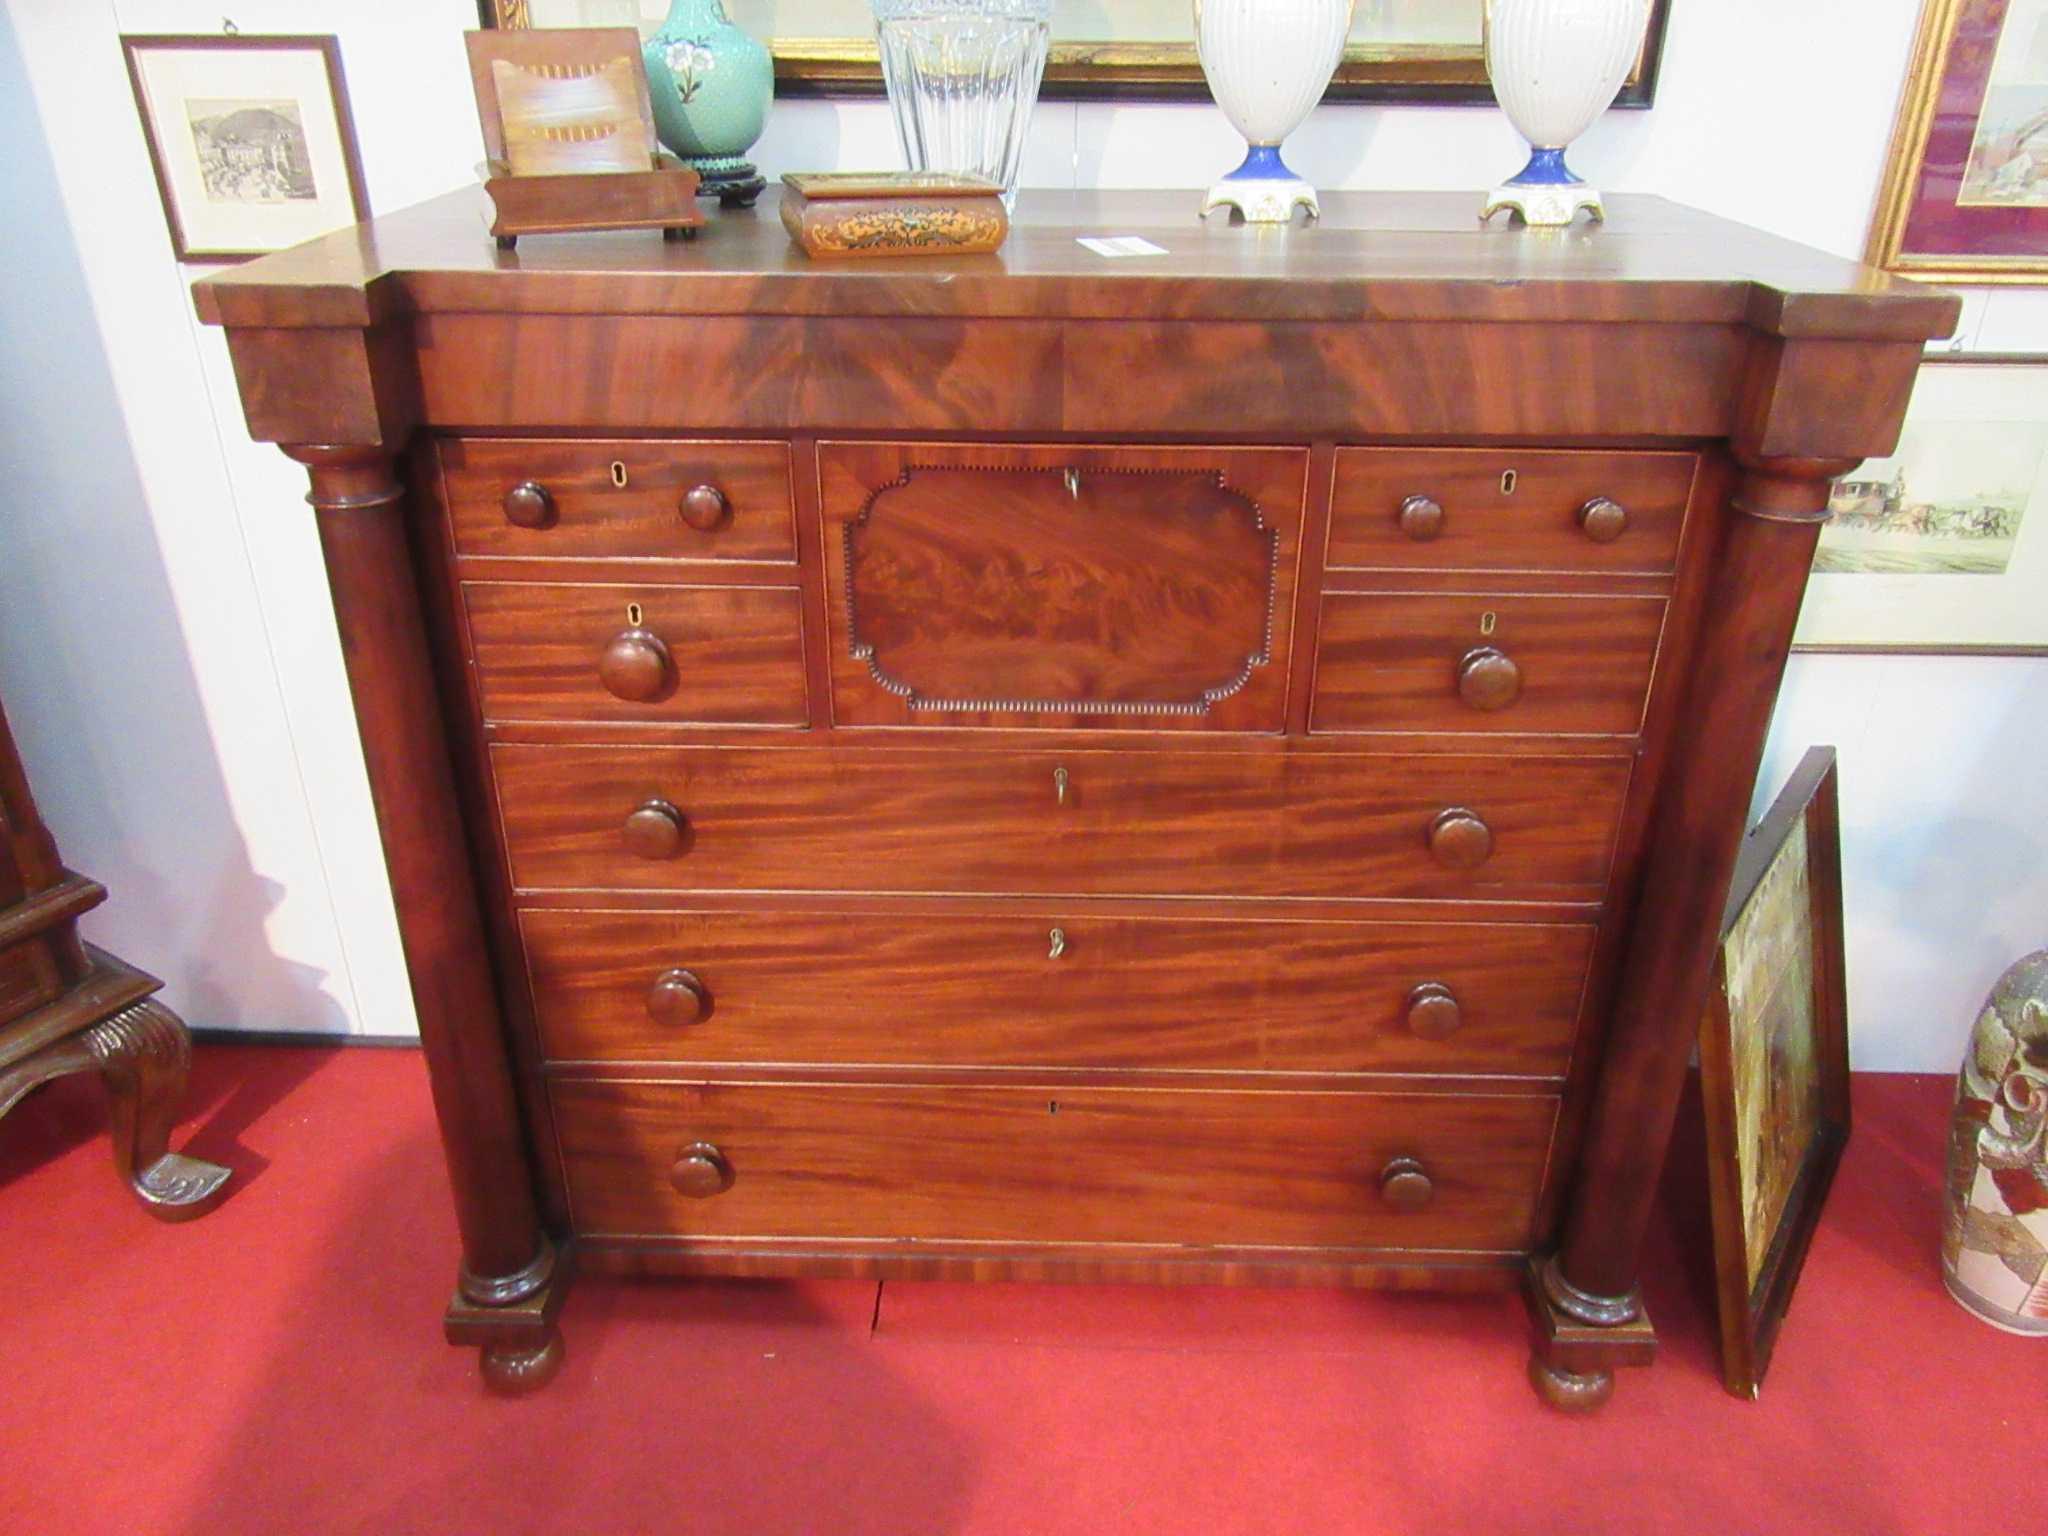 cassettone inglese vendita e restauro arredamento